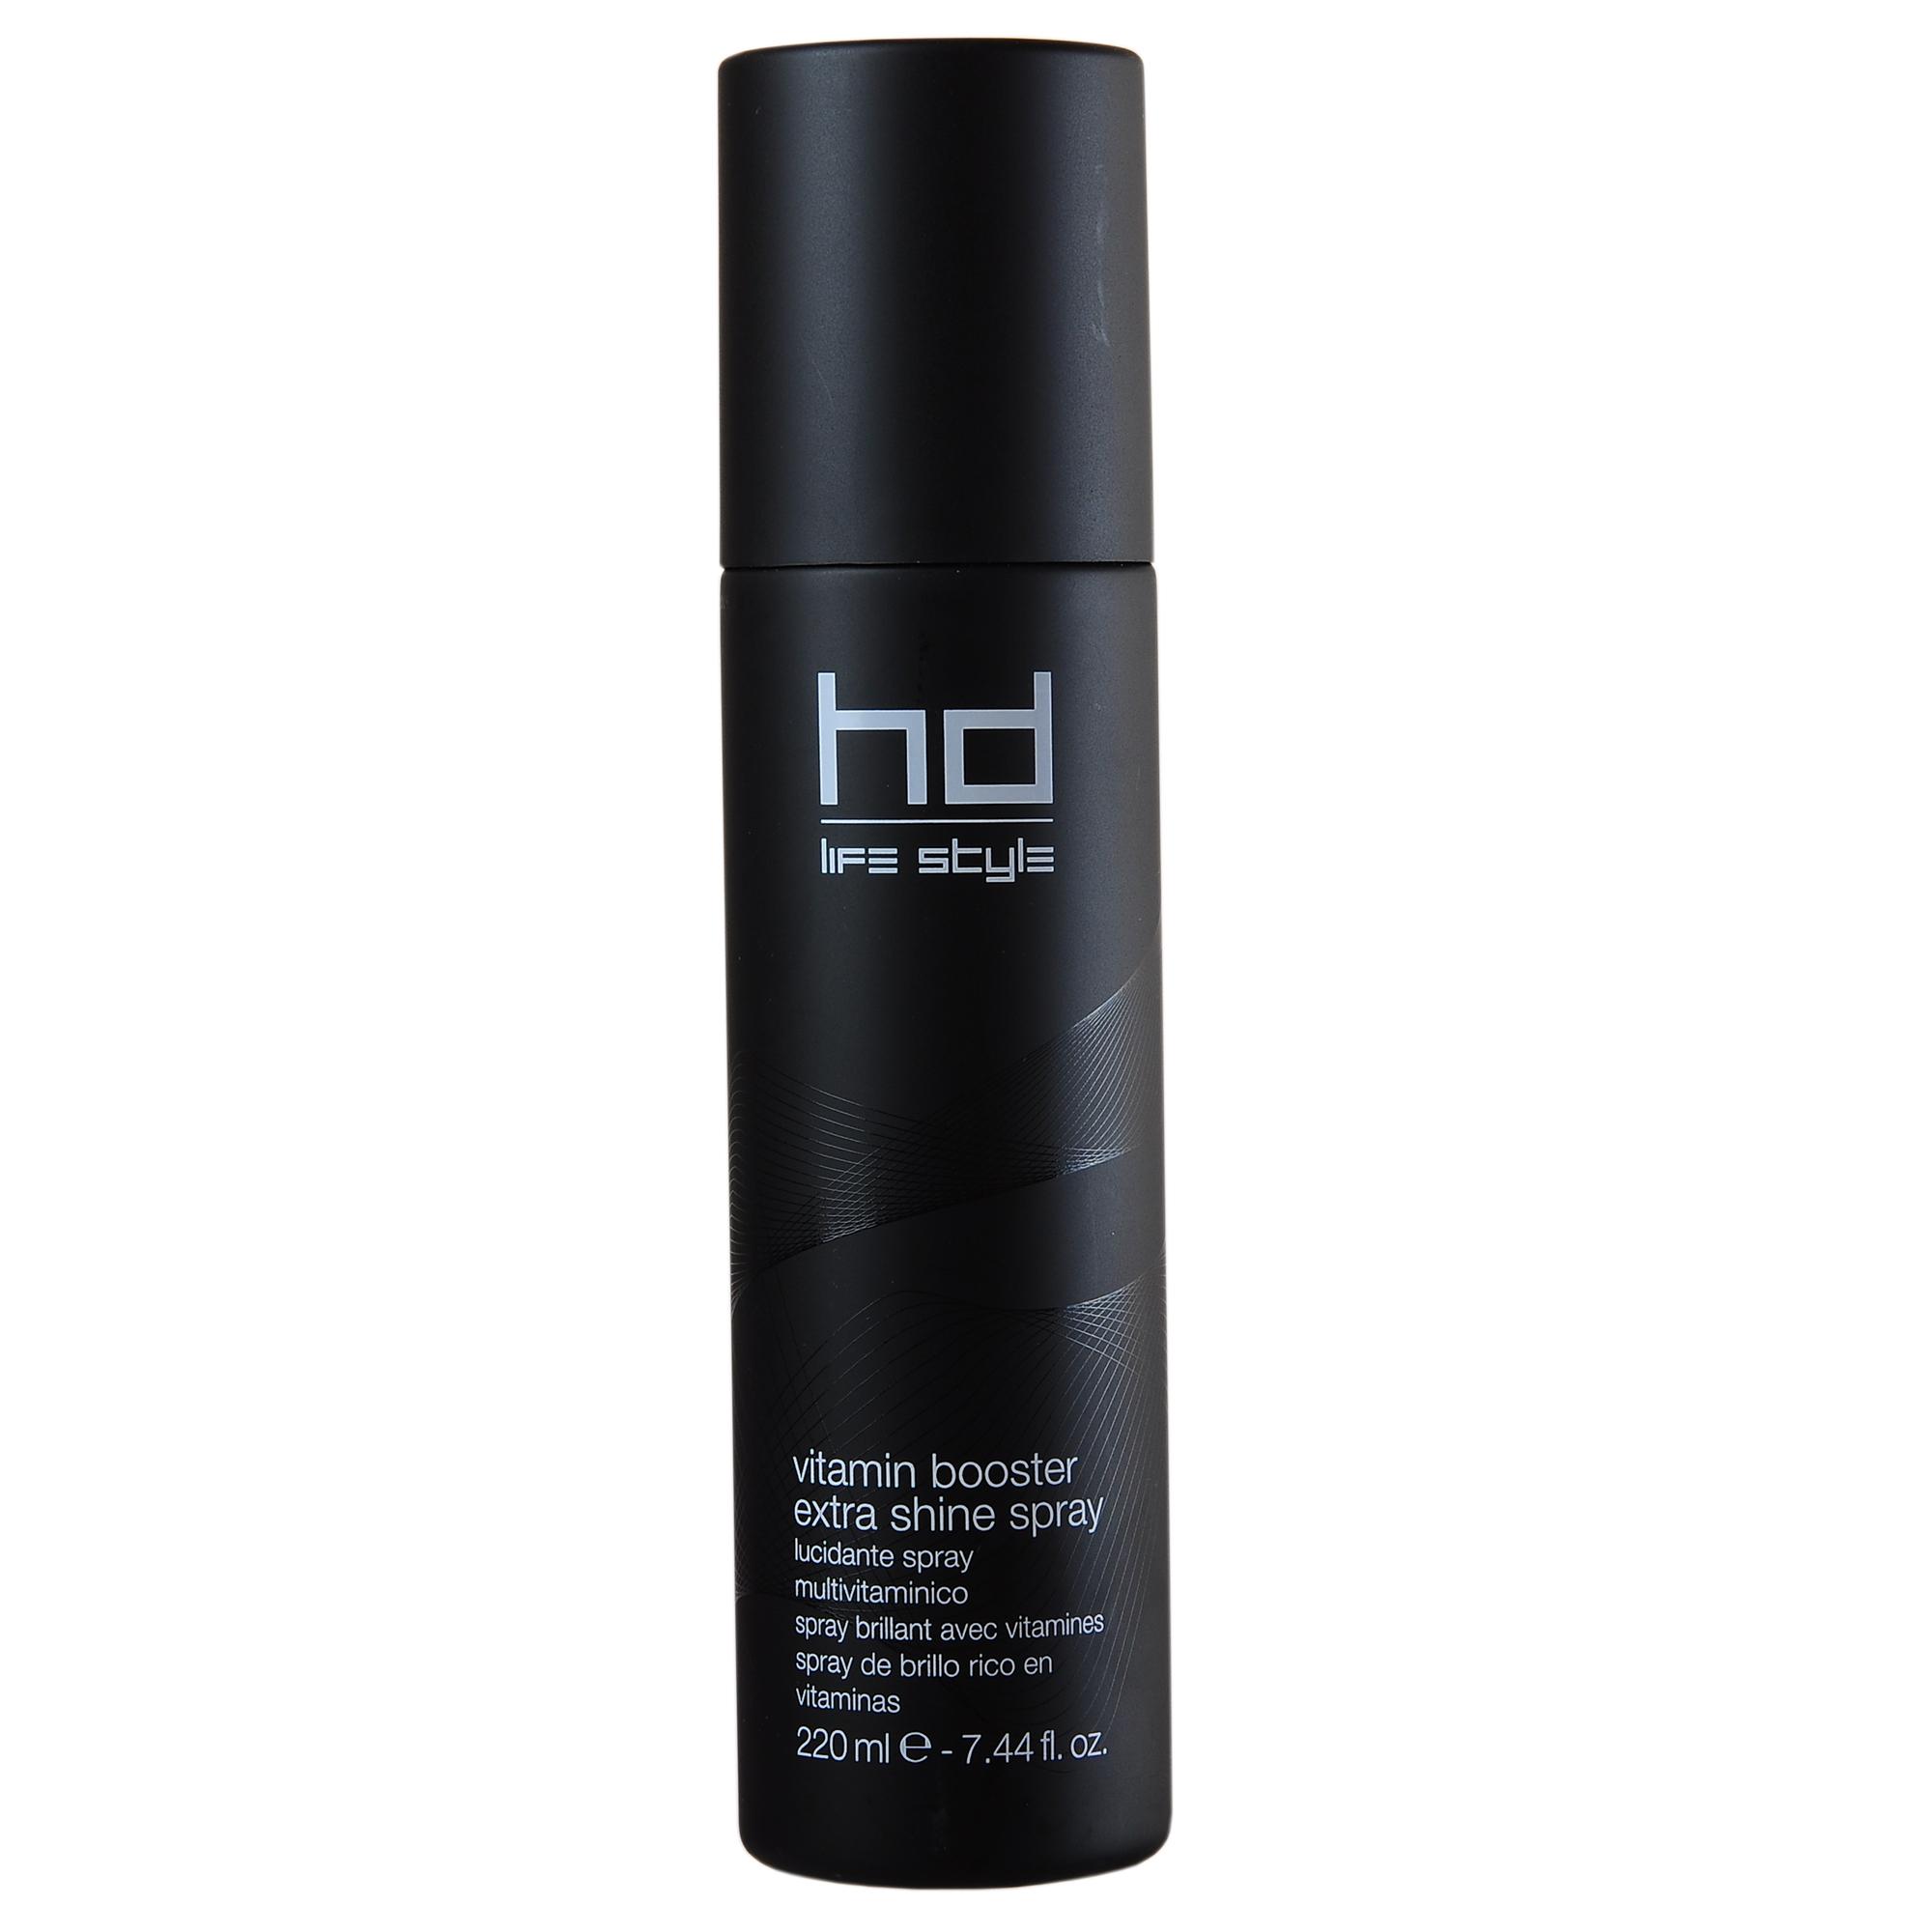 FARMAVITA Спрей экстра-блеск с витаминами VITAMIN BOOSTER EXT.SHINE SP. / HD LIFE STYLE 220 млСпреи<br>Придает солнечный блеск волосам, не перегружая их. Энергетический коктейль из витаминов С и Е, провитамина В5 и драгоценных силиконов, делает волосы эластичными и шелковистыми. Сохраняет косметический цвет. Способ применения: перед распылением взболтайте, нанесите на сухие волосы на расстоянии не менее 20 см. Также можно наносить под корни волос для объёма.<br><br>Объем: 220 мл<br>Класс косметики: Косметическая